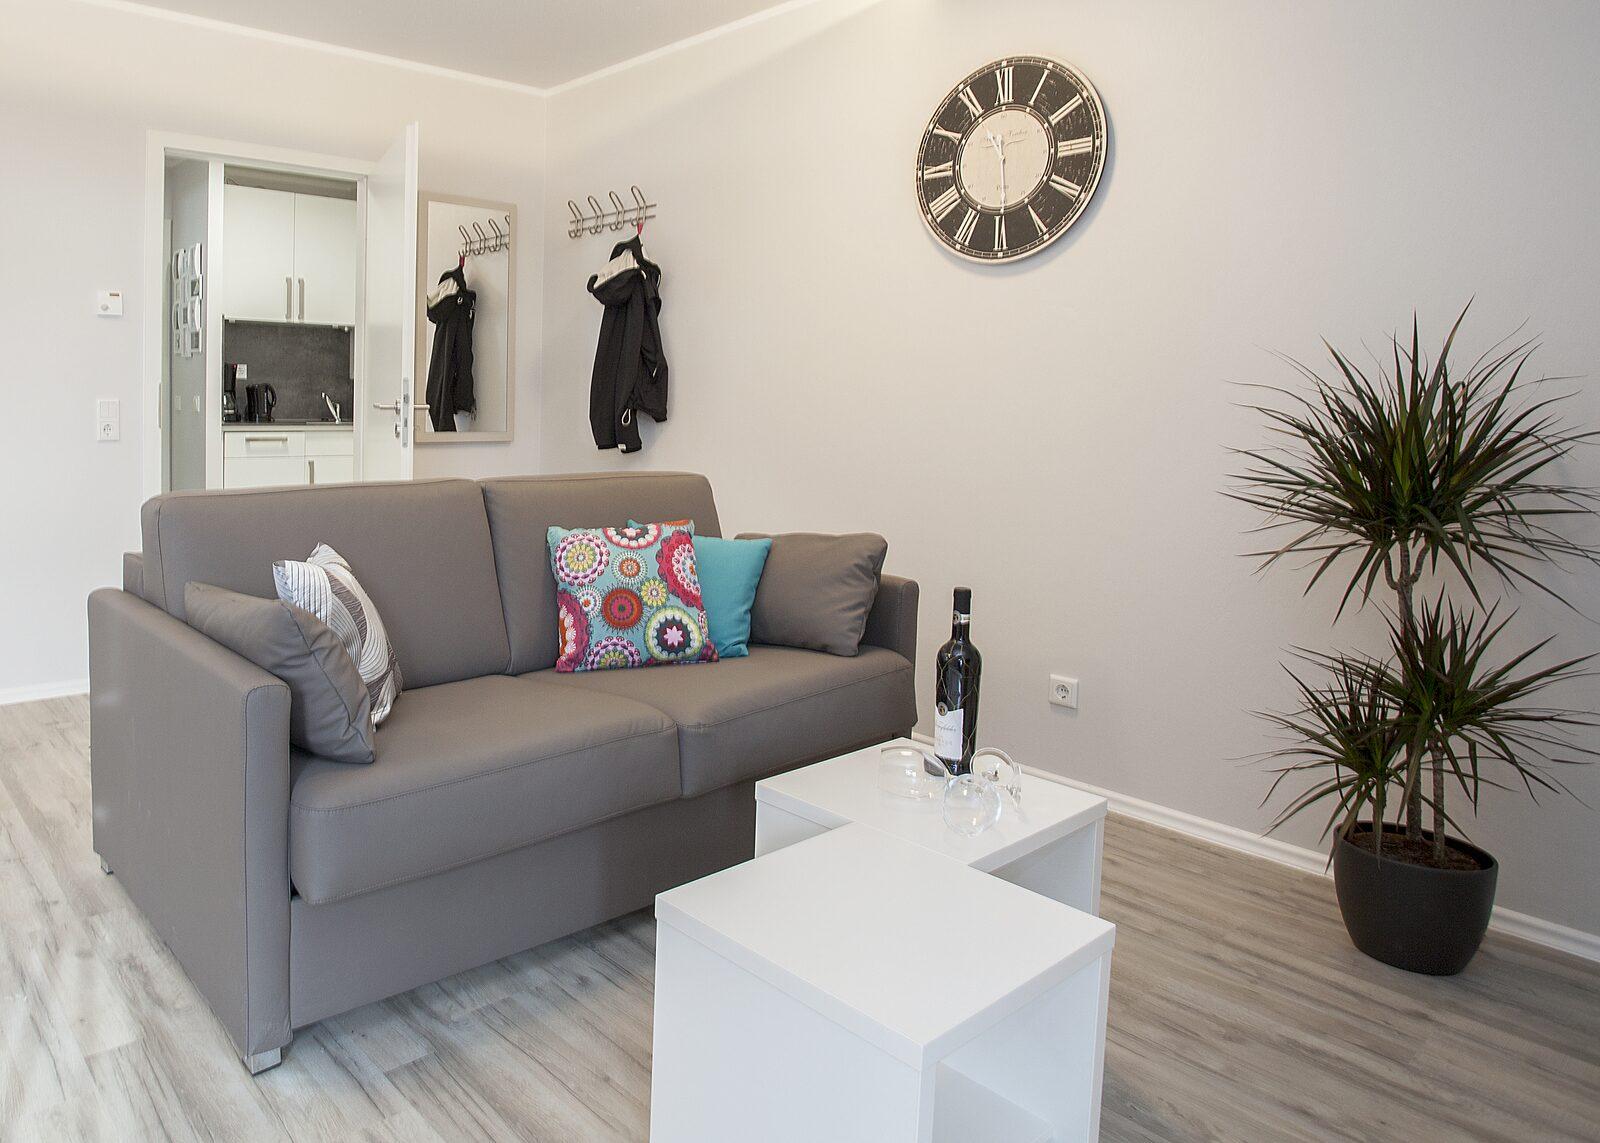 Appartement(en) - Comfort 8 Personen Z [2 stuks: 2 x 4-Pers.]